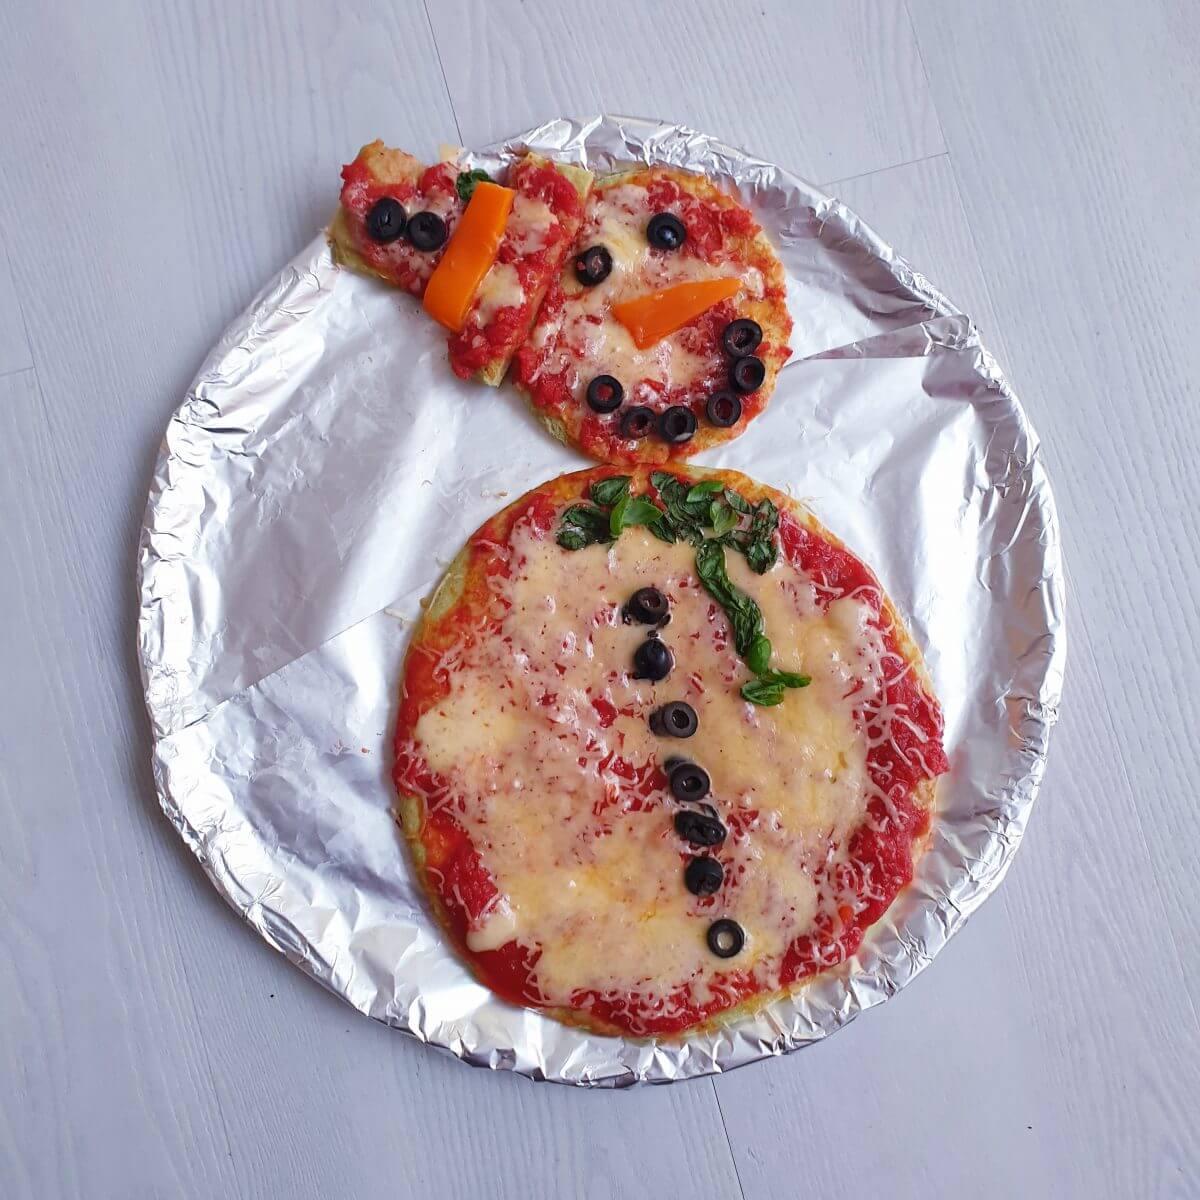 kerst pizza voor het kerstdiner op school of thuis